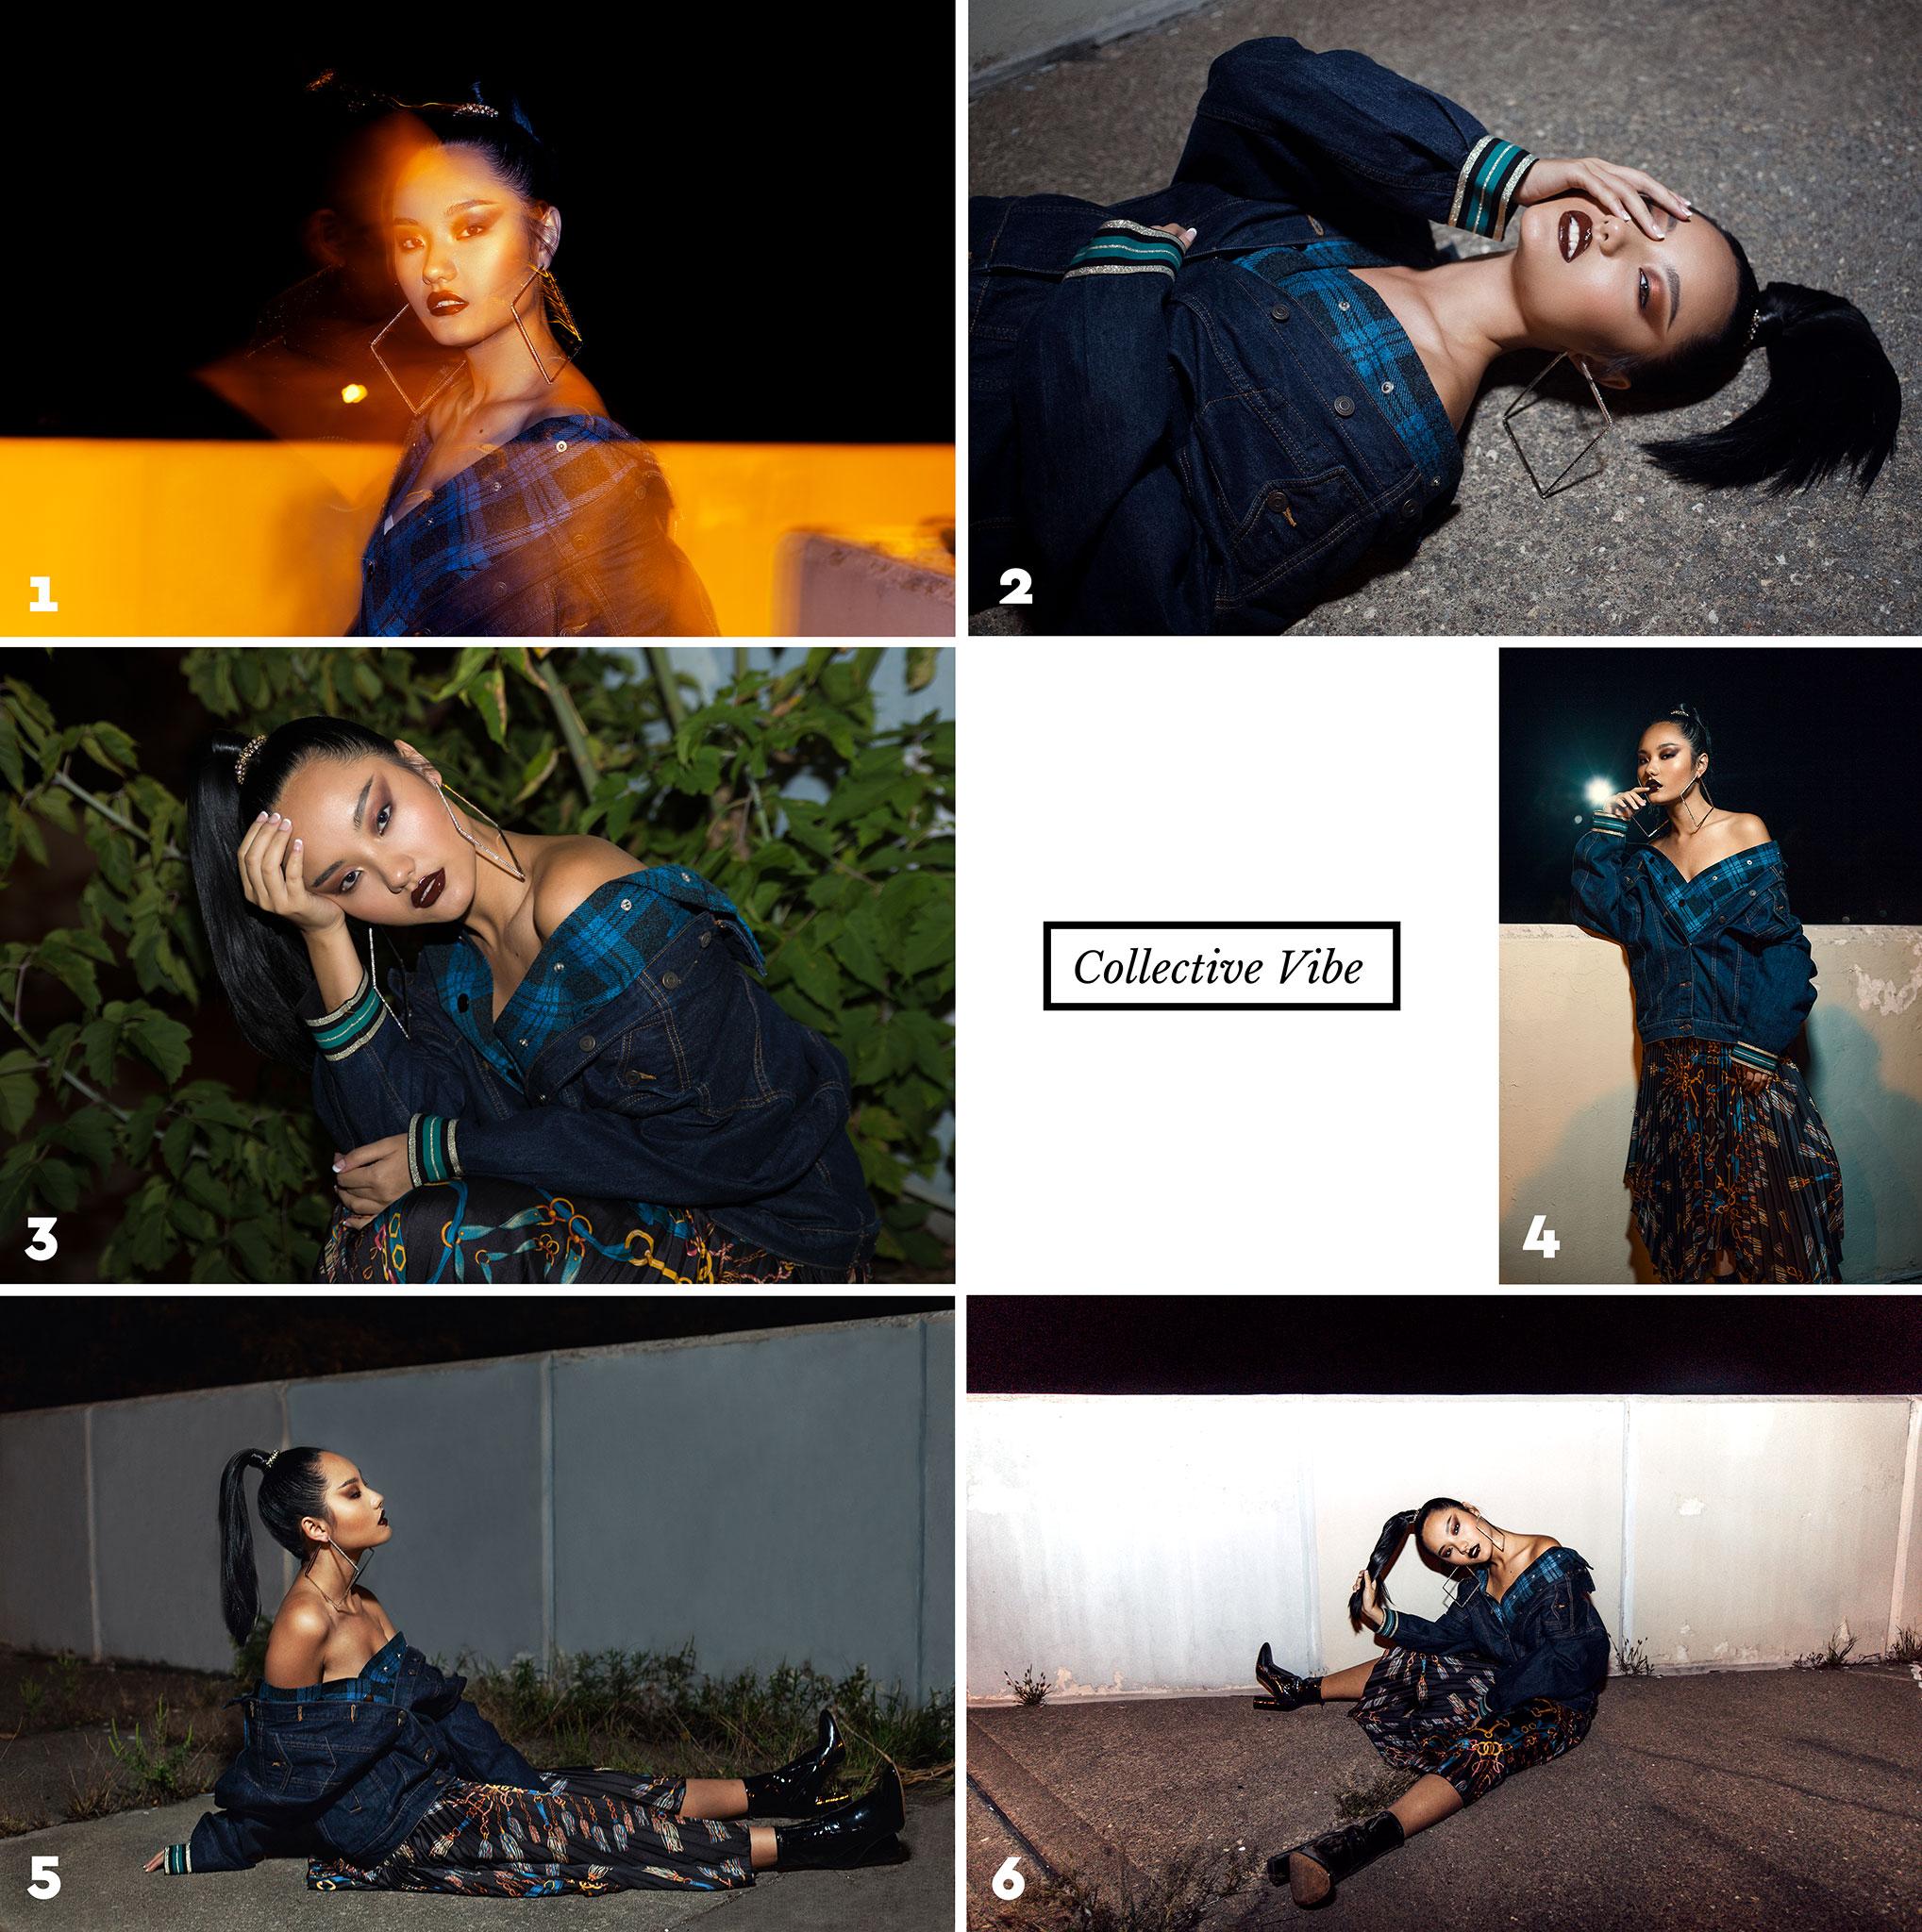 Look 4 - Avina Yang